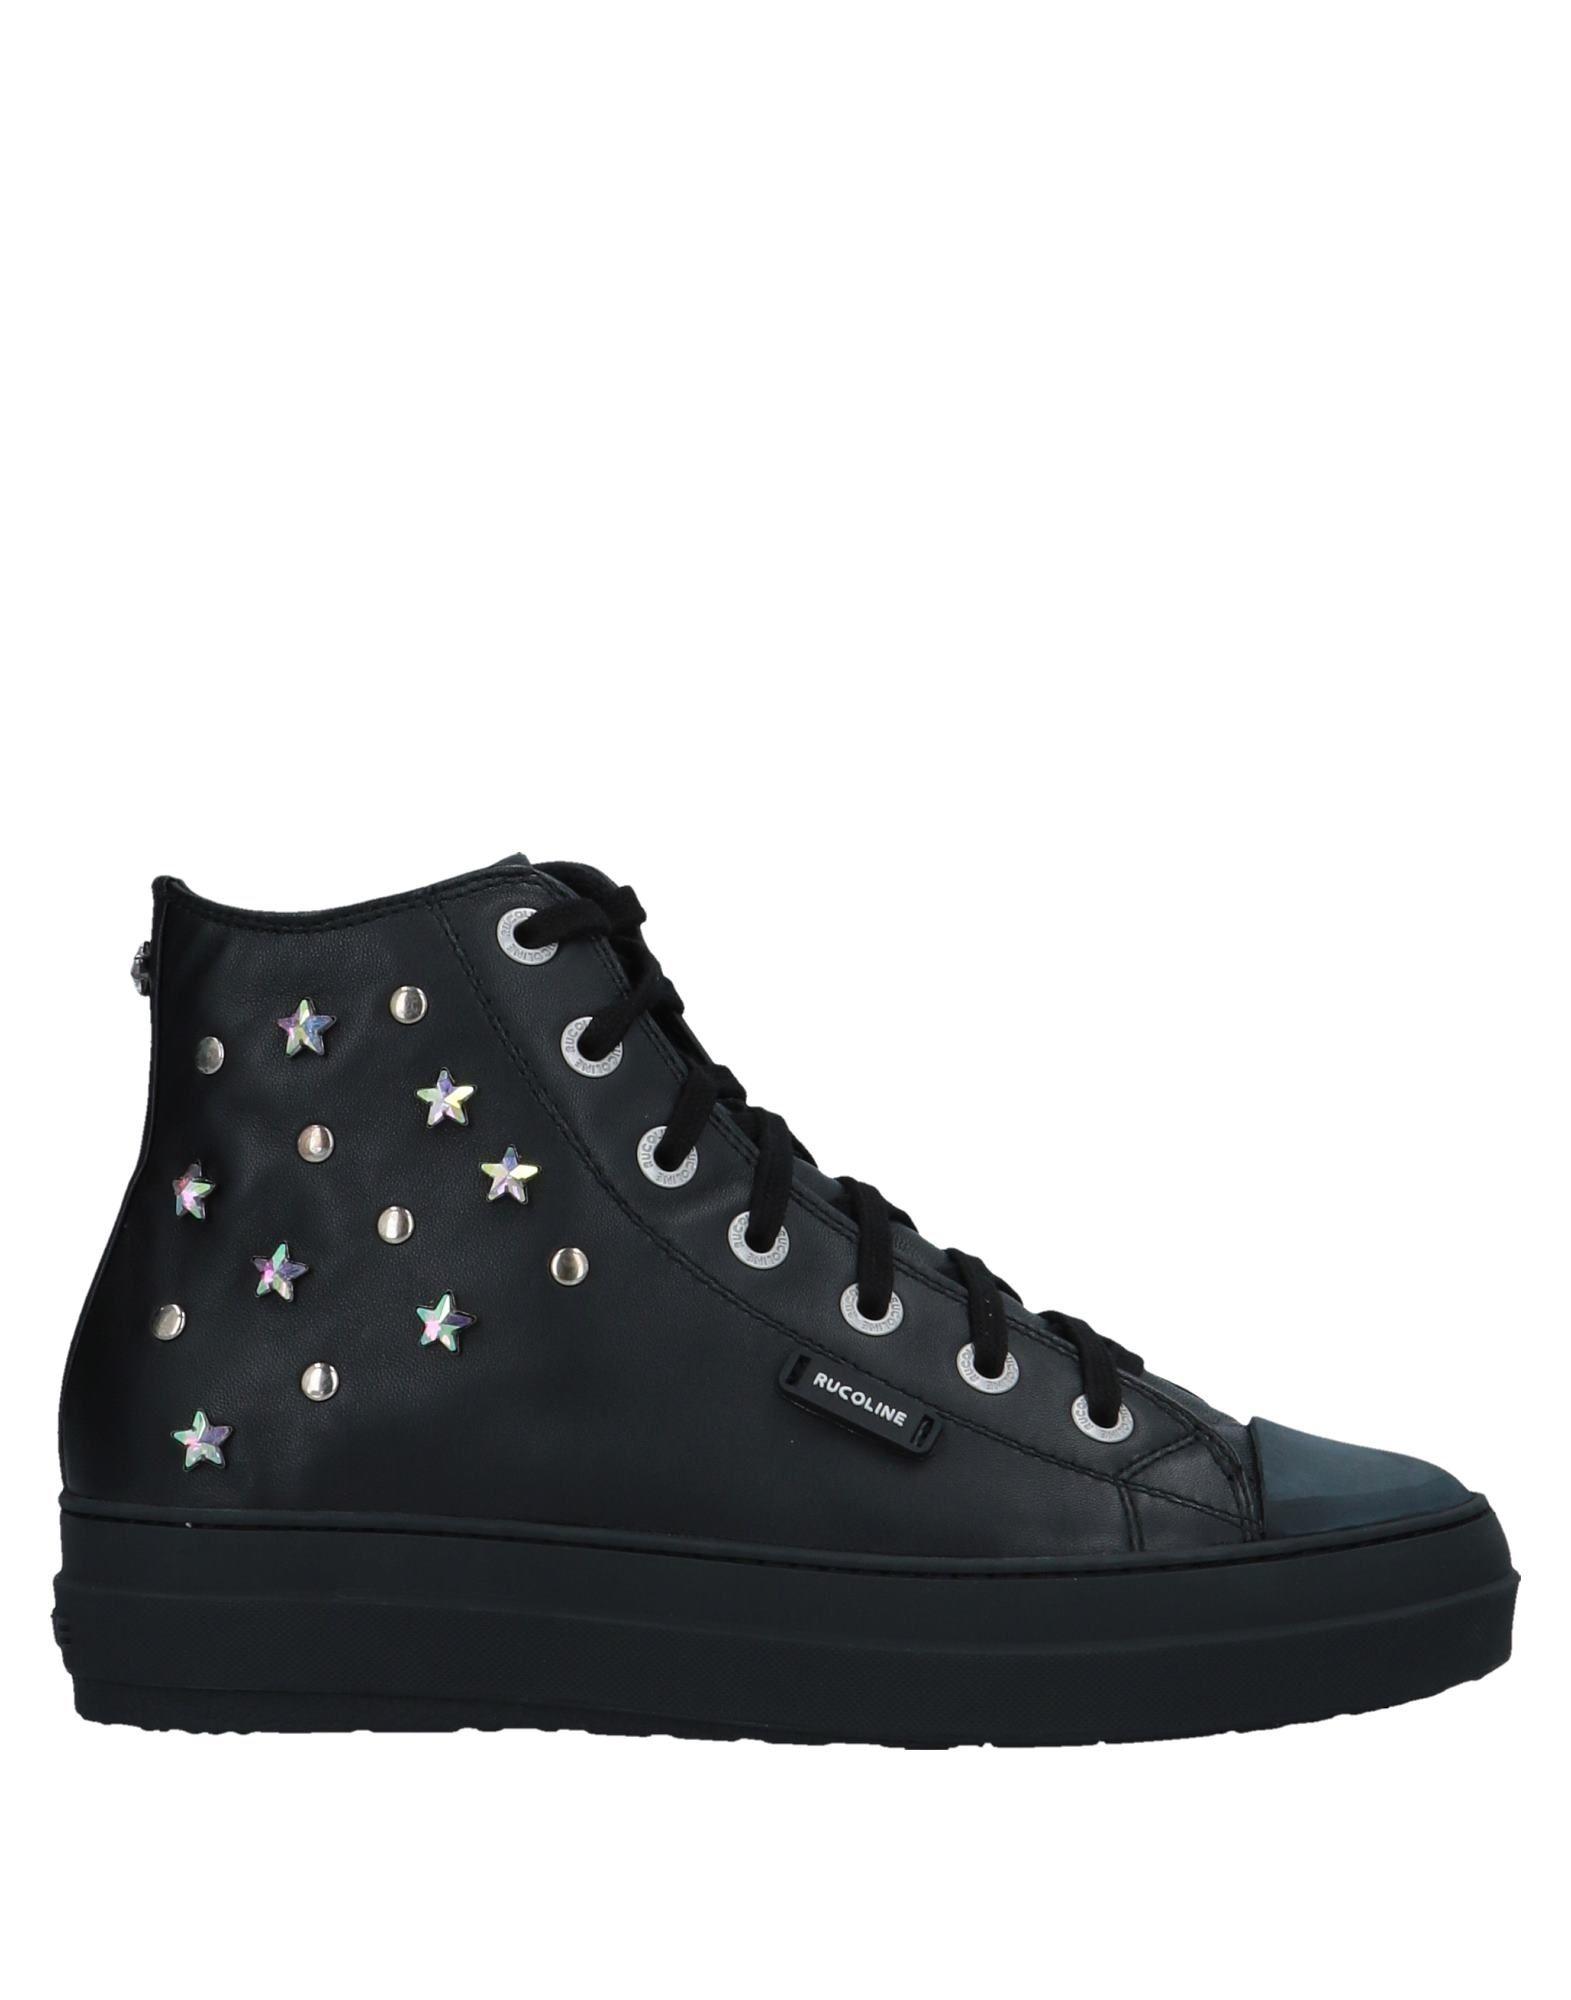 Ruco Line sich Sneakers Damen Gutes Preis-Leistungs-Verhältnis, es lohnt sich Line 834c55